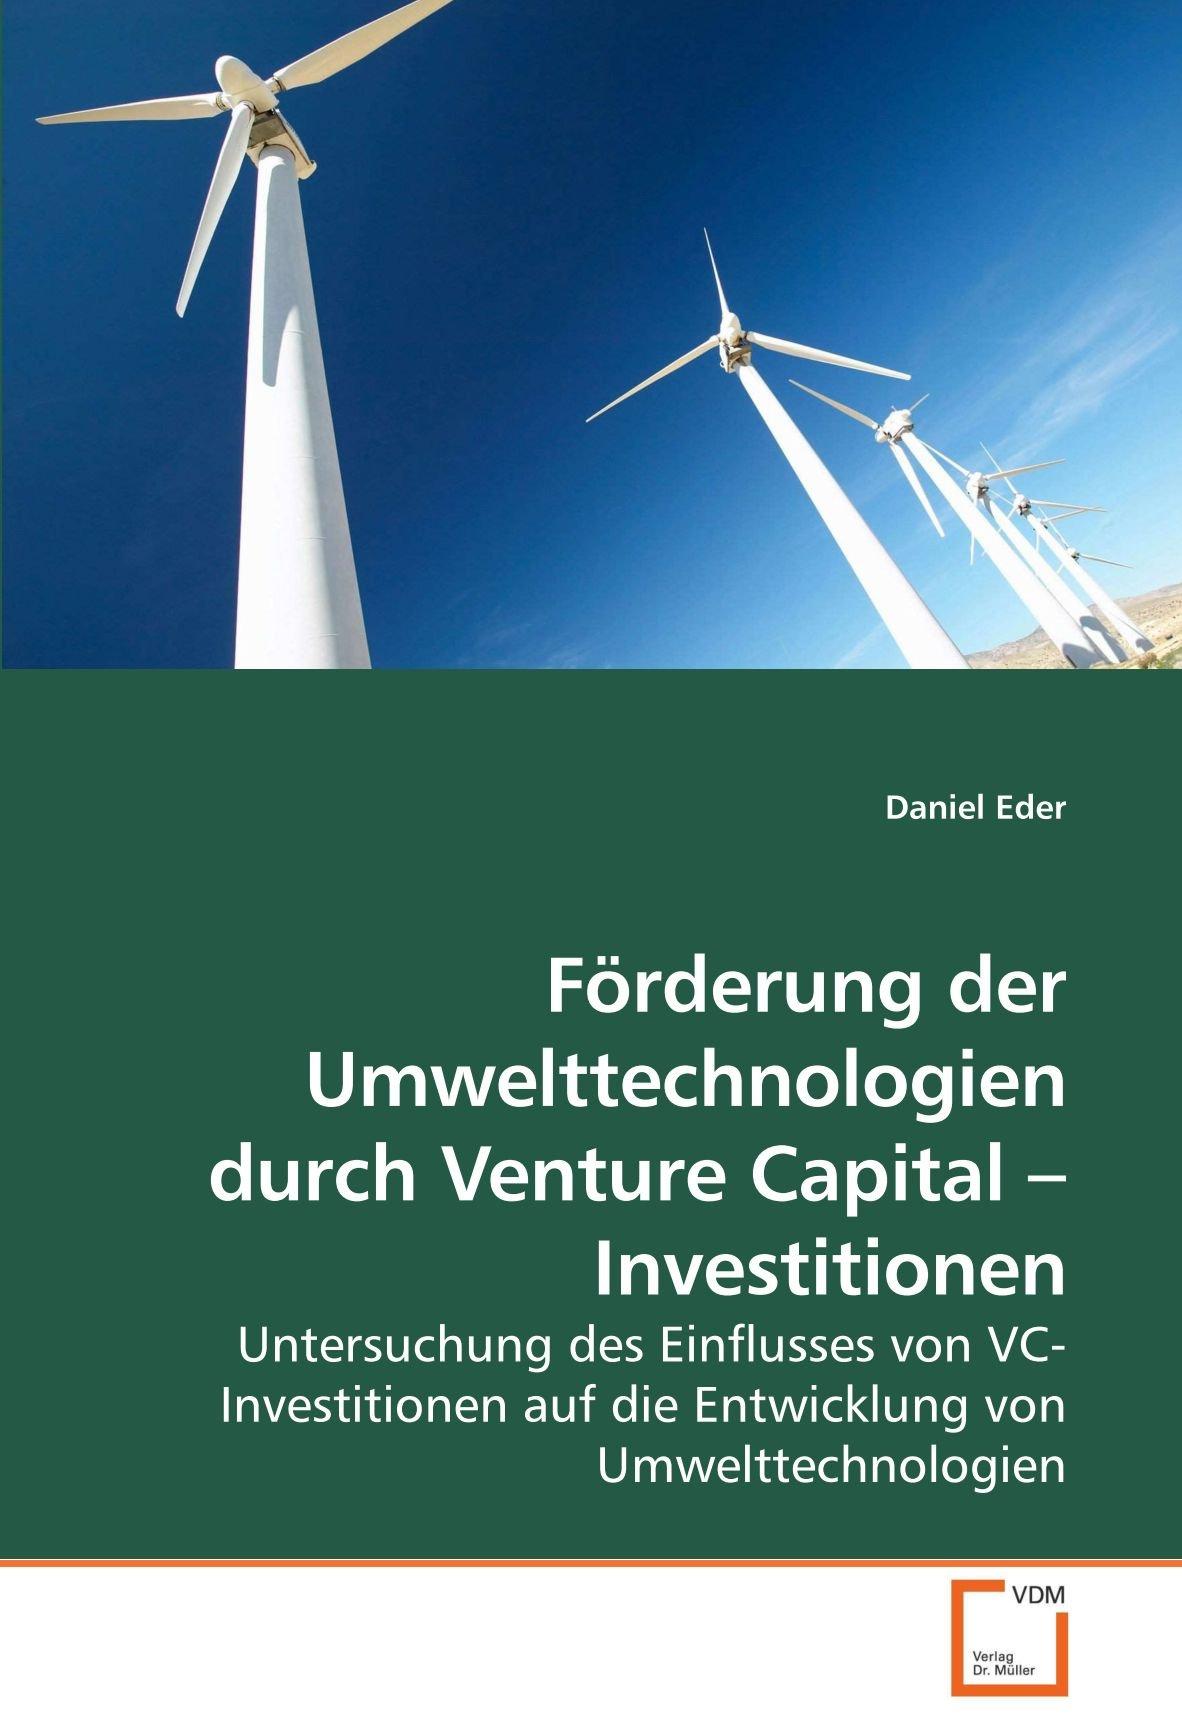 Förderung der Umwelttechnologien durch Venture Capital ? Investitionen: Untersuchung des Einflusses von VC-Investitionen auf die Entwicklung von Umwelttechnologien (German Edition)